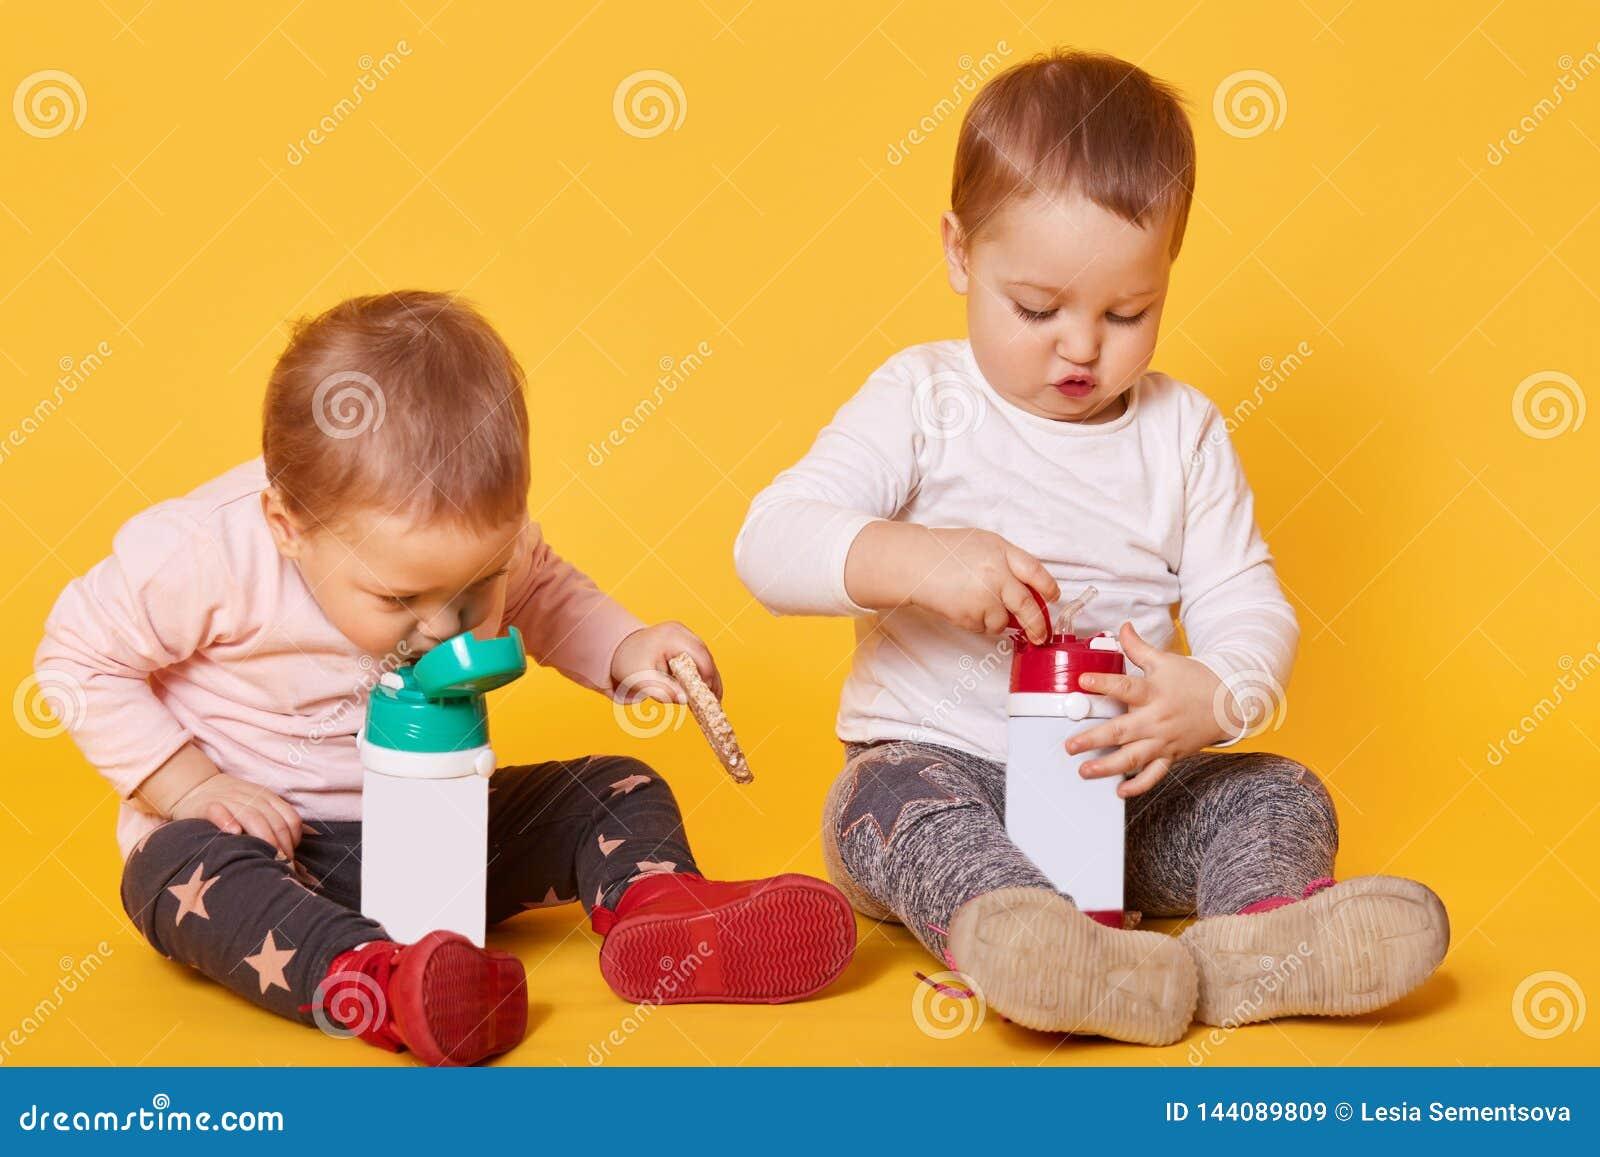 Милые двойные сестры имеют еду совместно без родителей, игры друг с другом, тратят свободное время Одна из сестер хочет делить